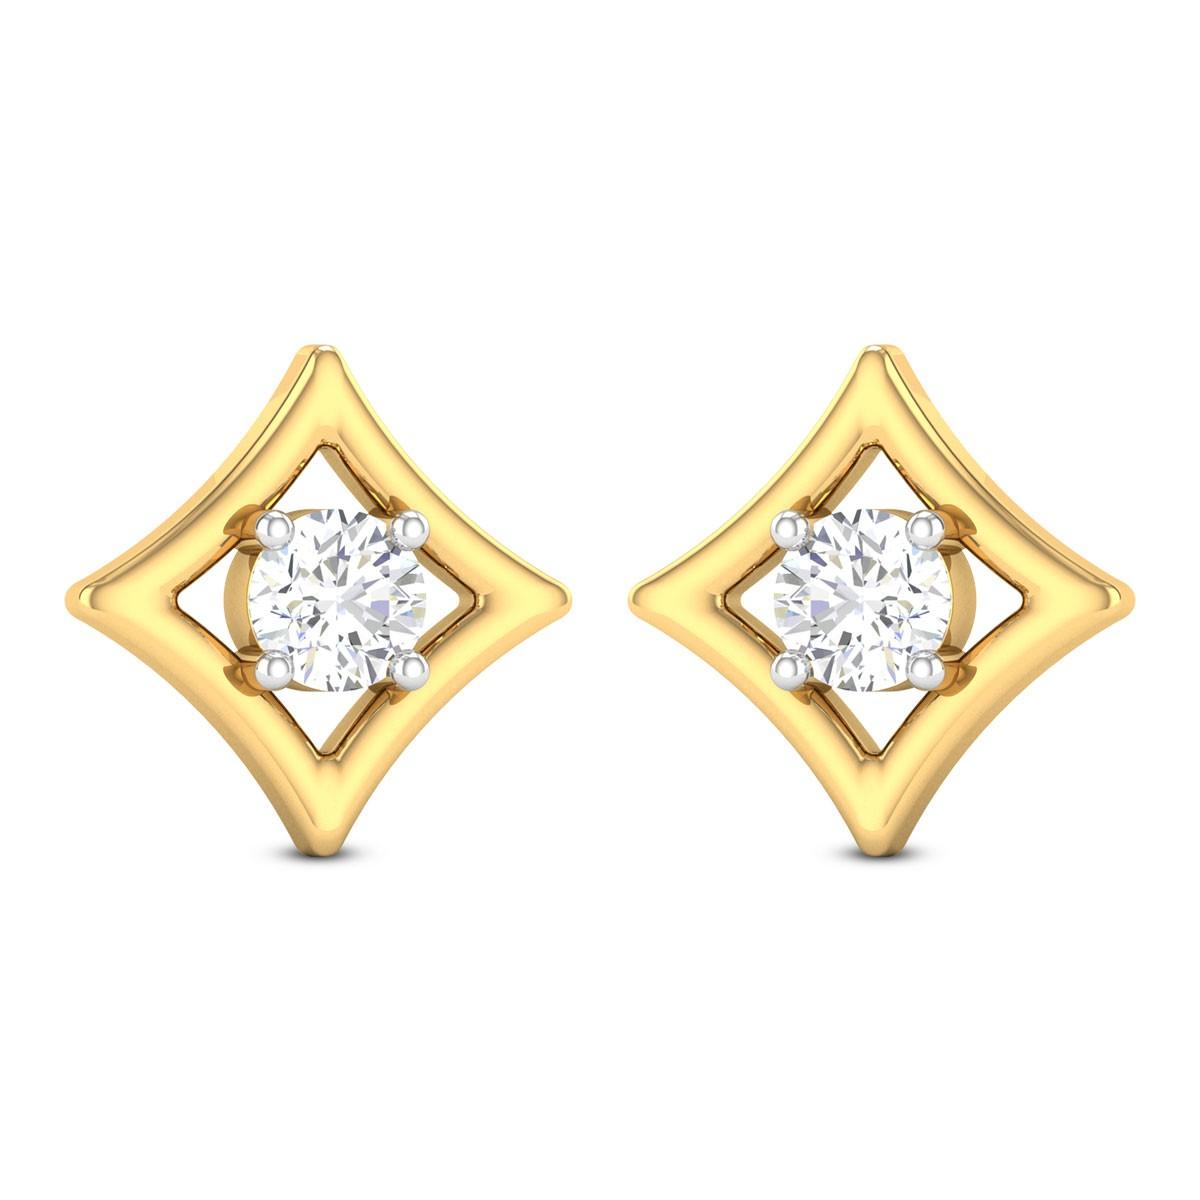 Wahenoor Solitaire Stud Earrings